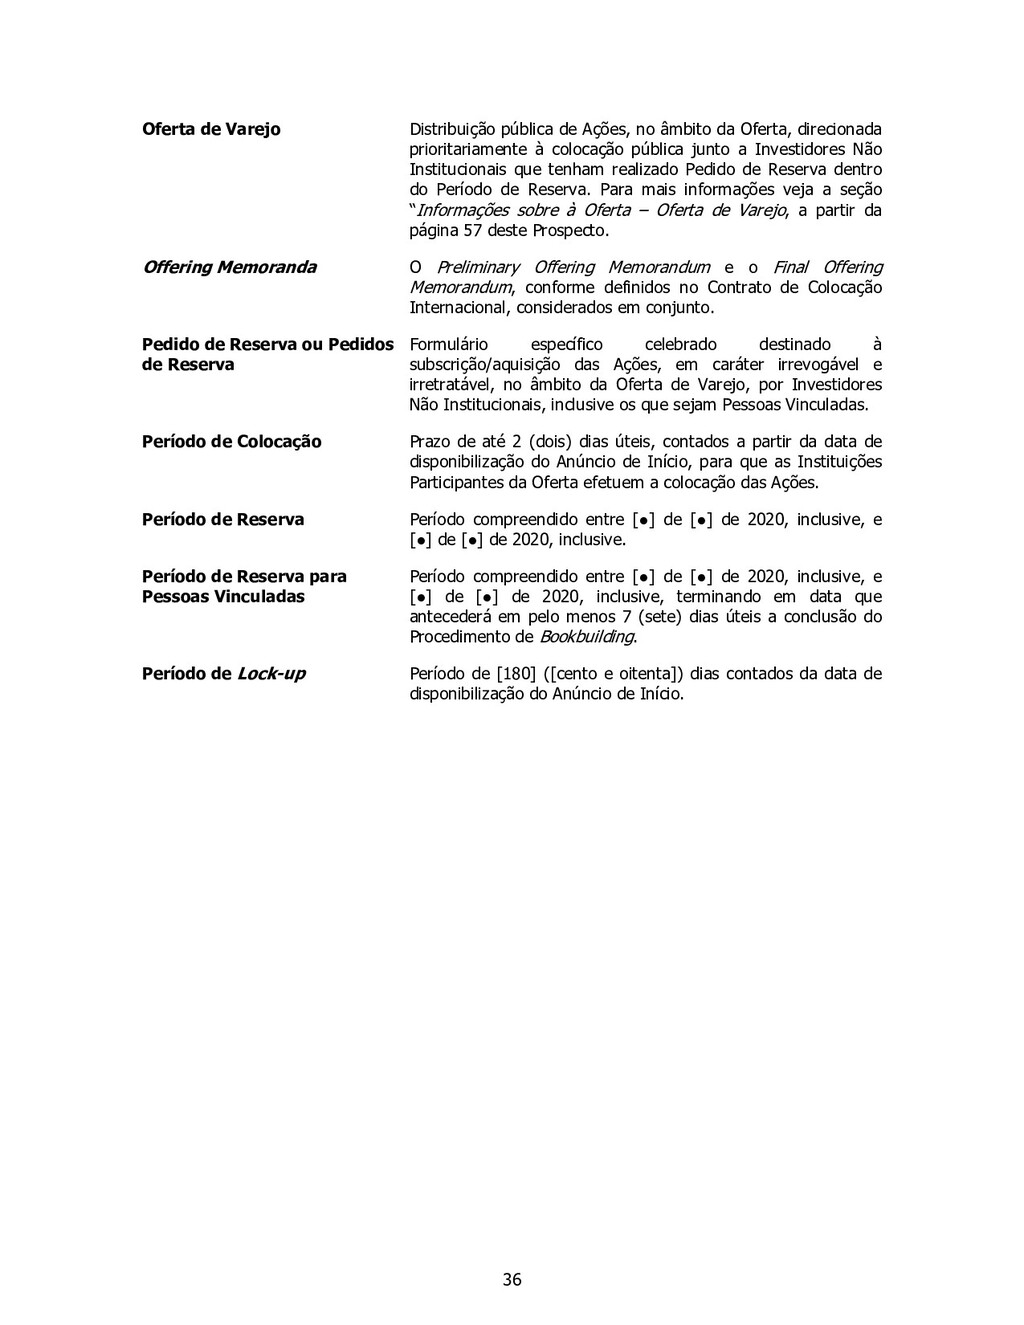 36 Oferta de Varejo Distribuição pública de Açõ...